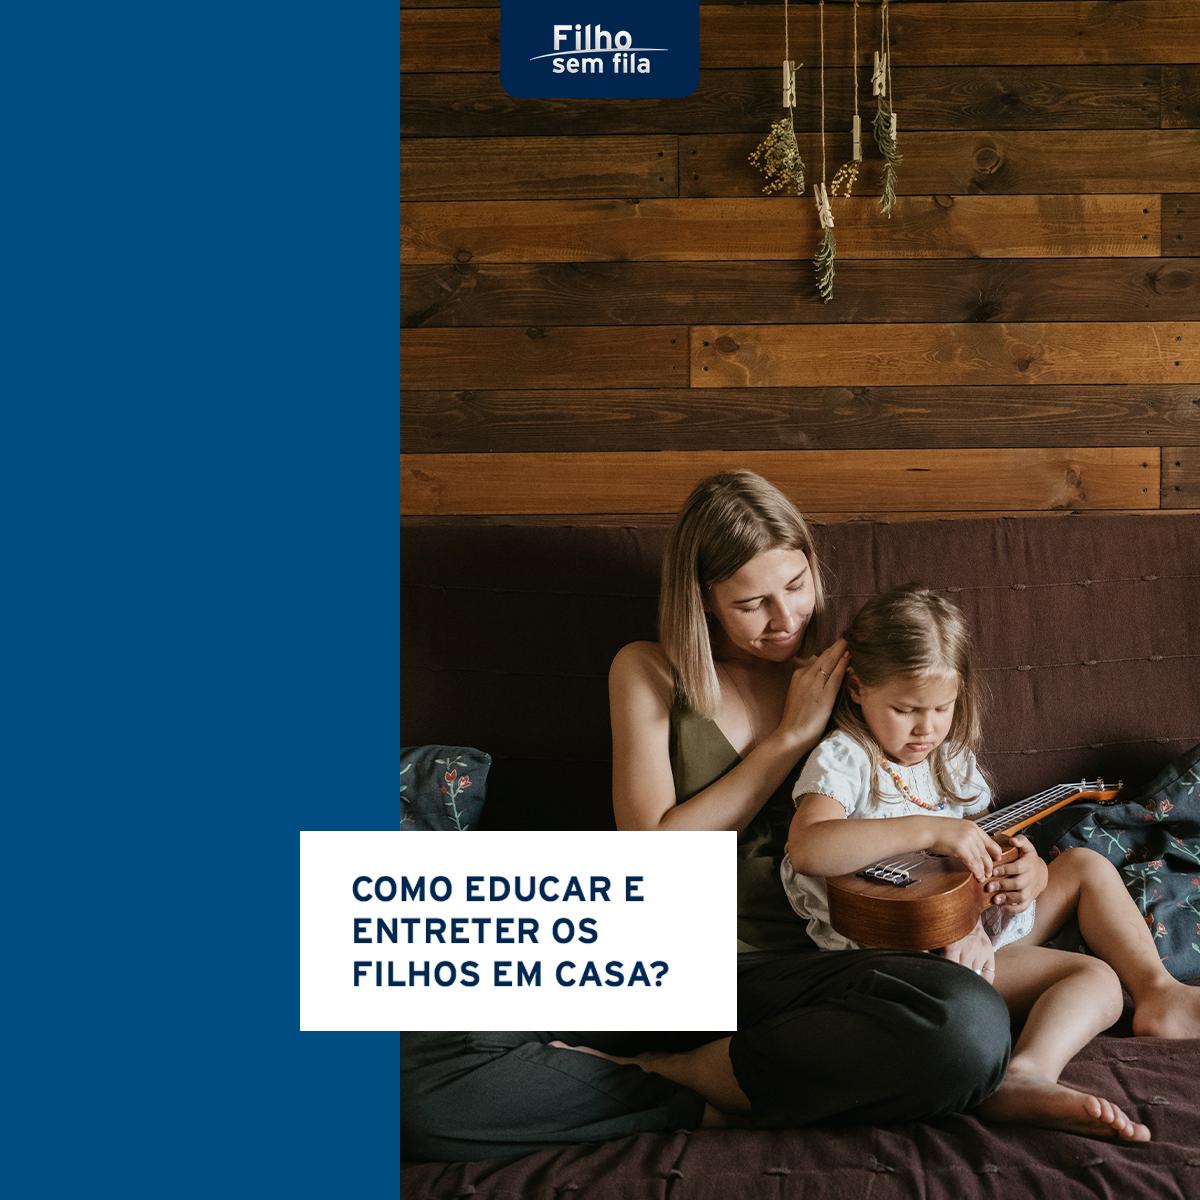 Como educar e entreter os filhos em casa?